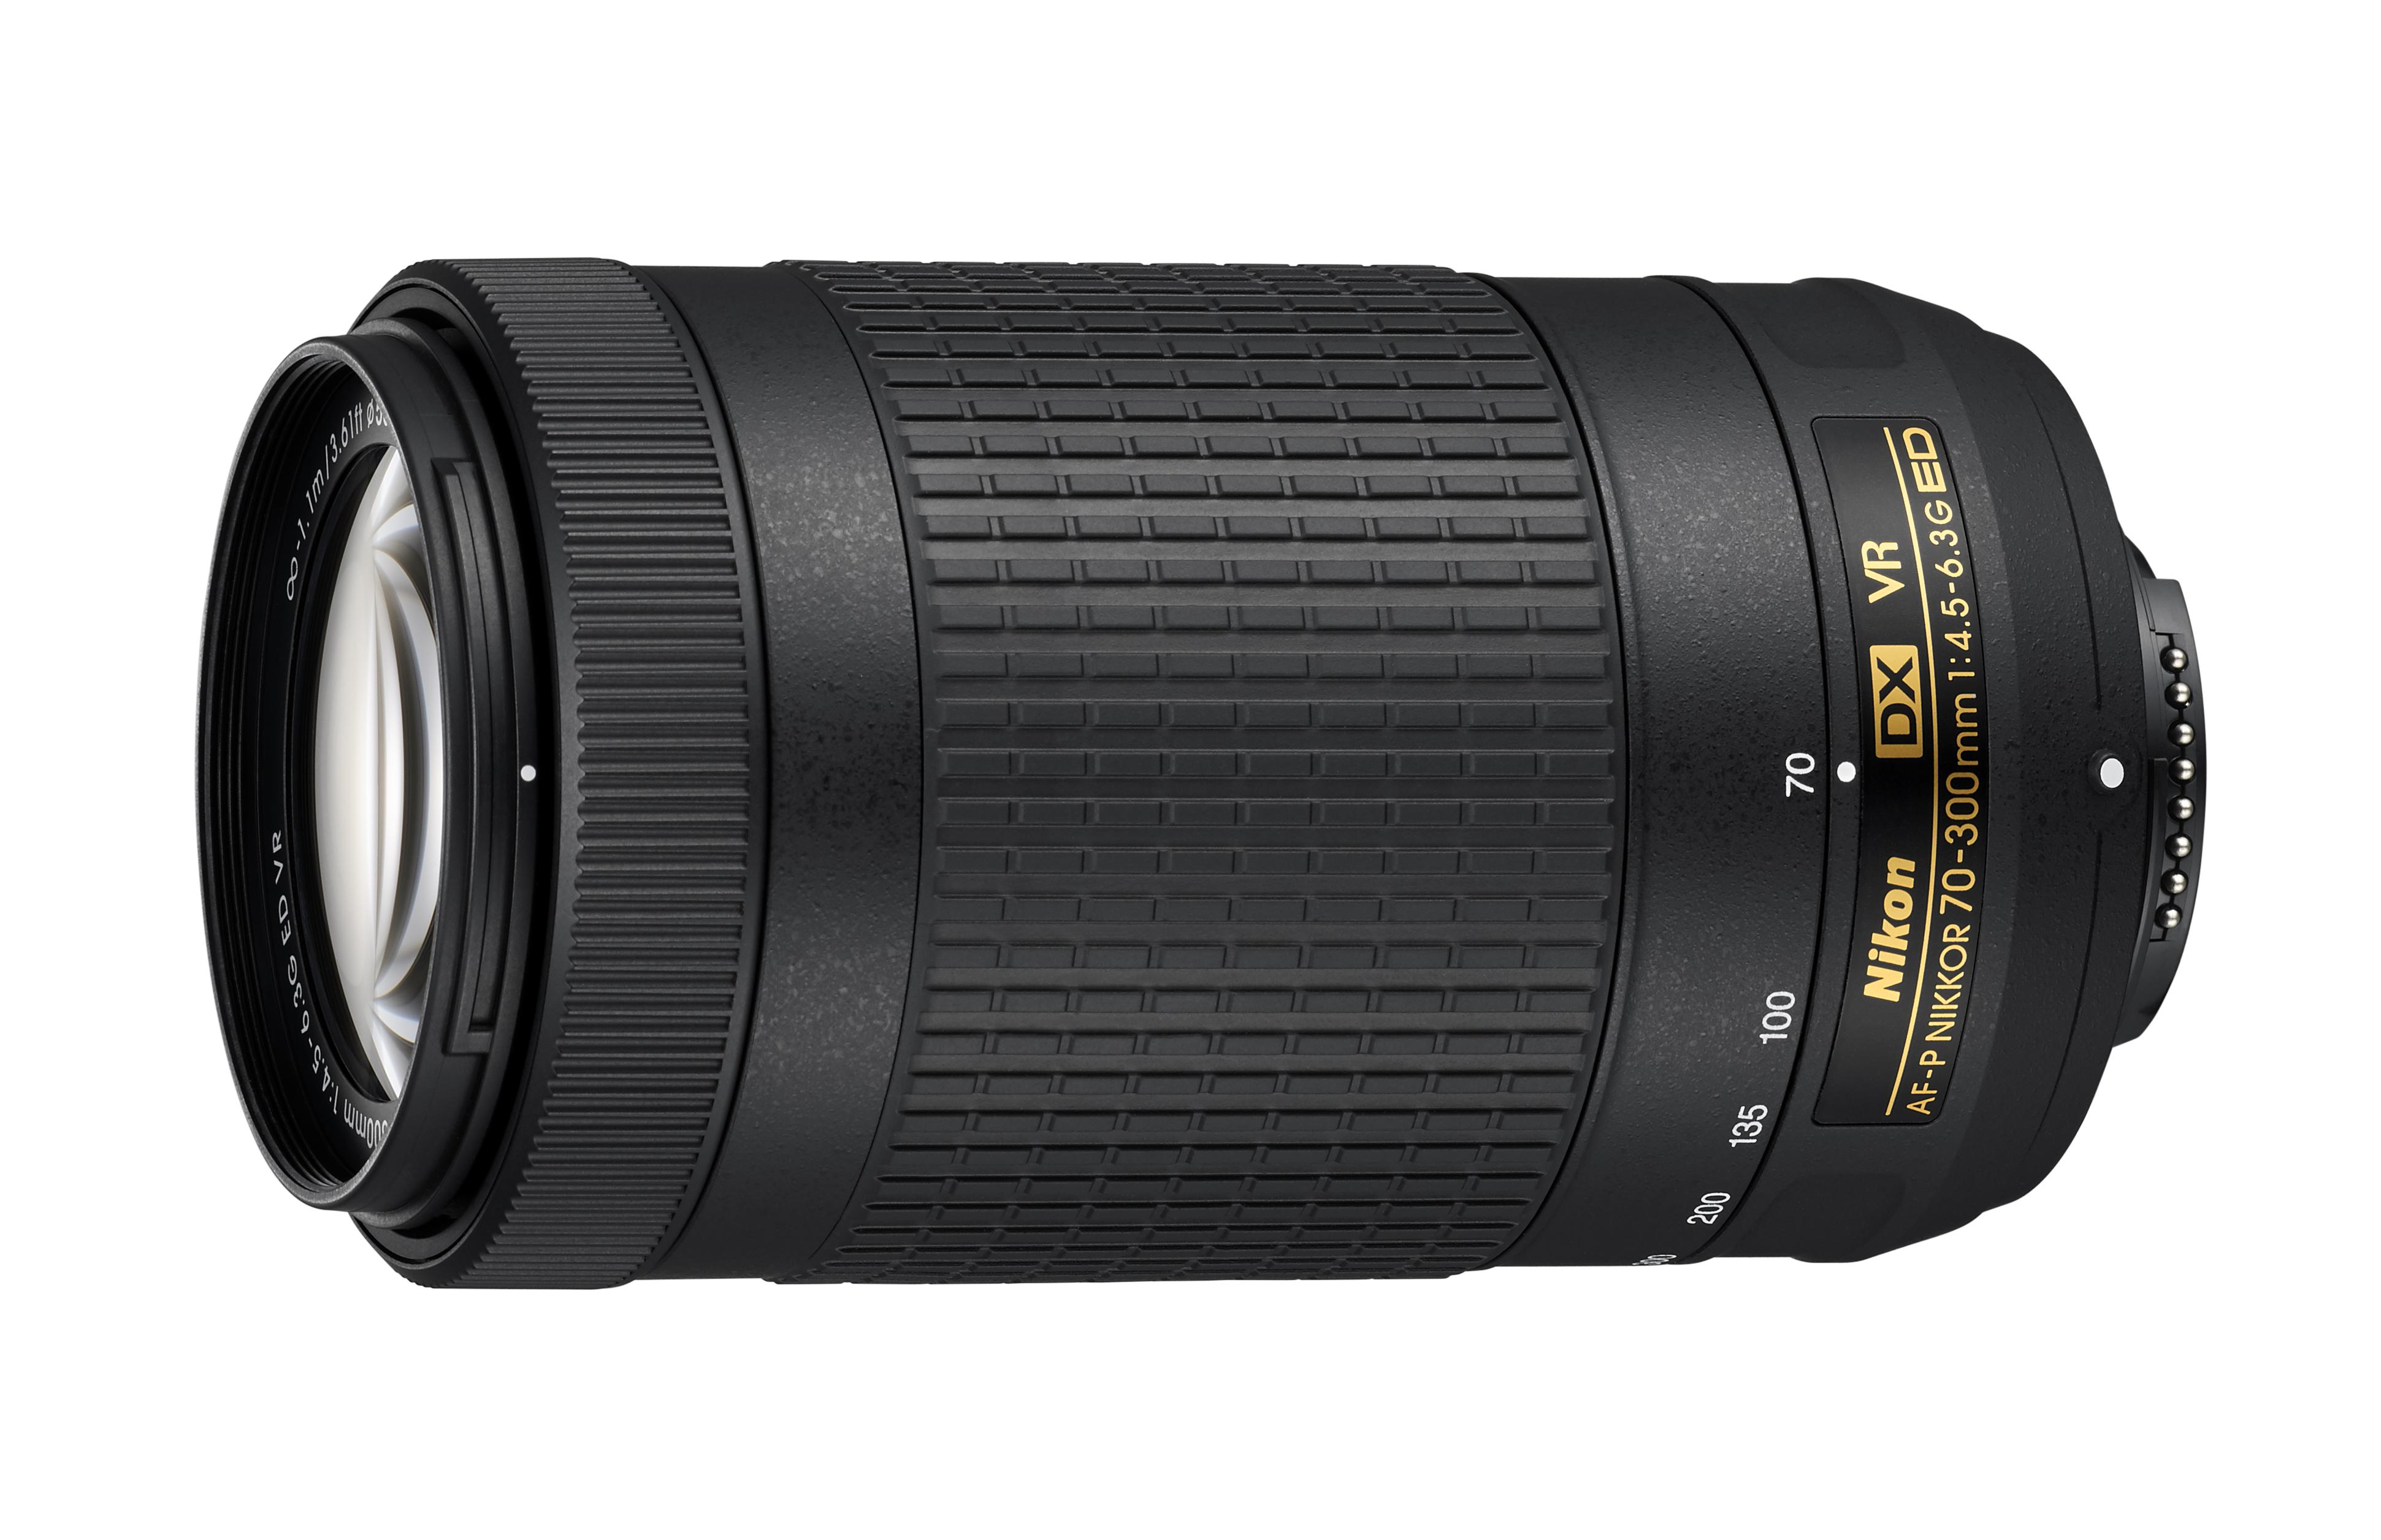 Nikon AF-P DX 70-300mm f/4.5-6.3 G ED VR Lens